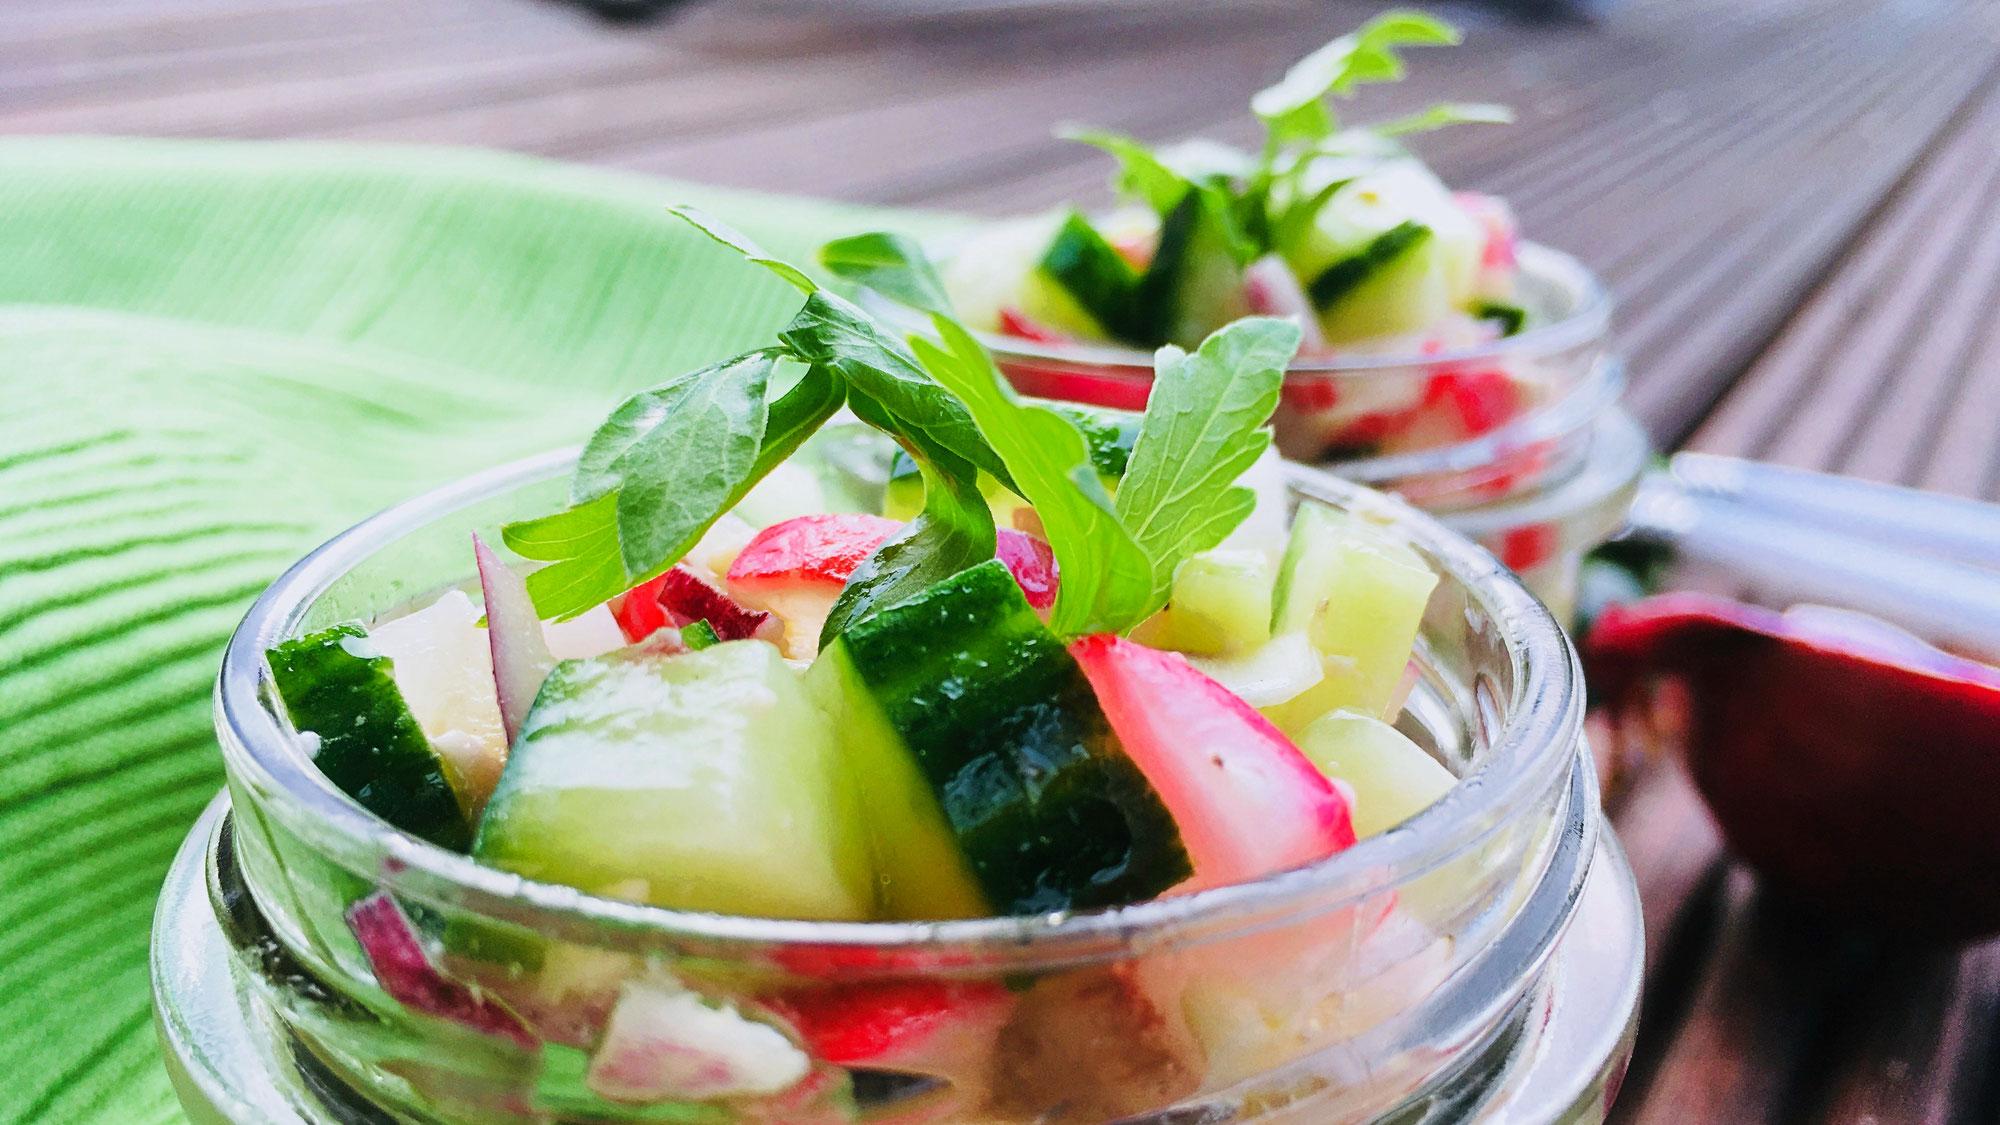 Radieschensalat mit Gurke und Mozzarella